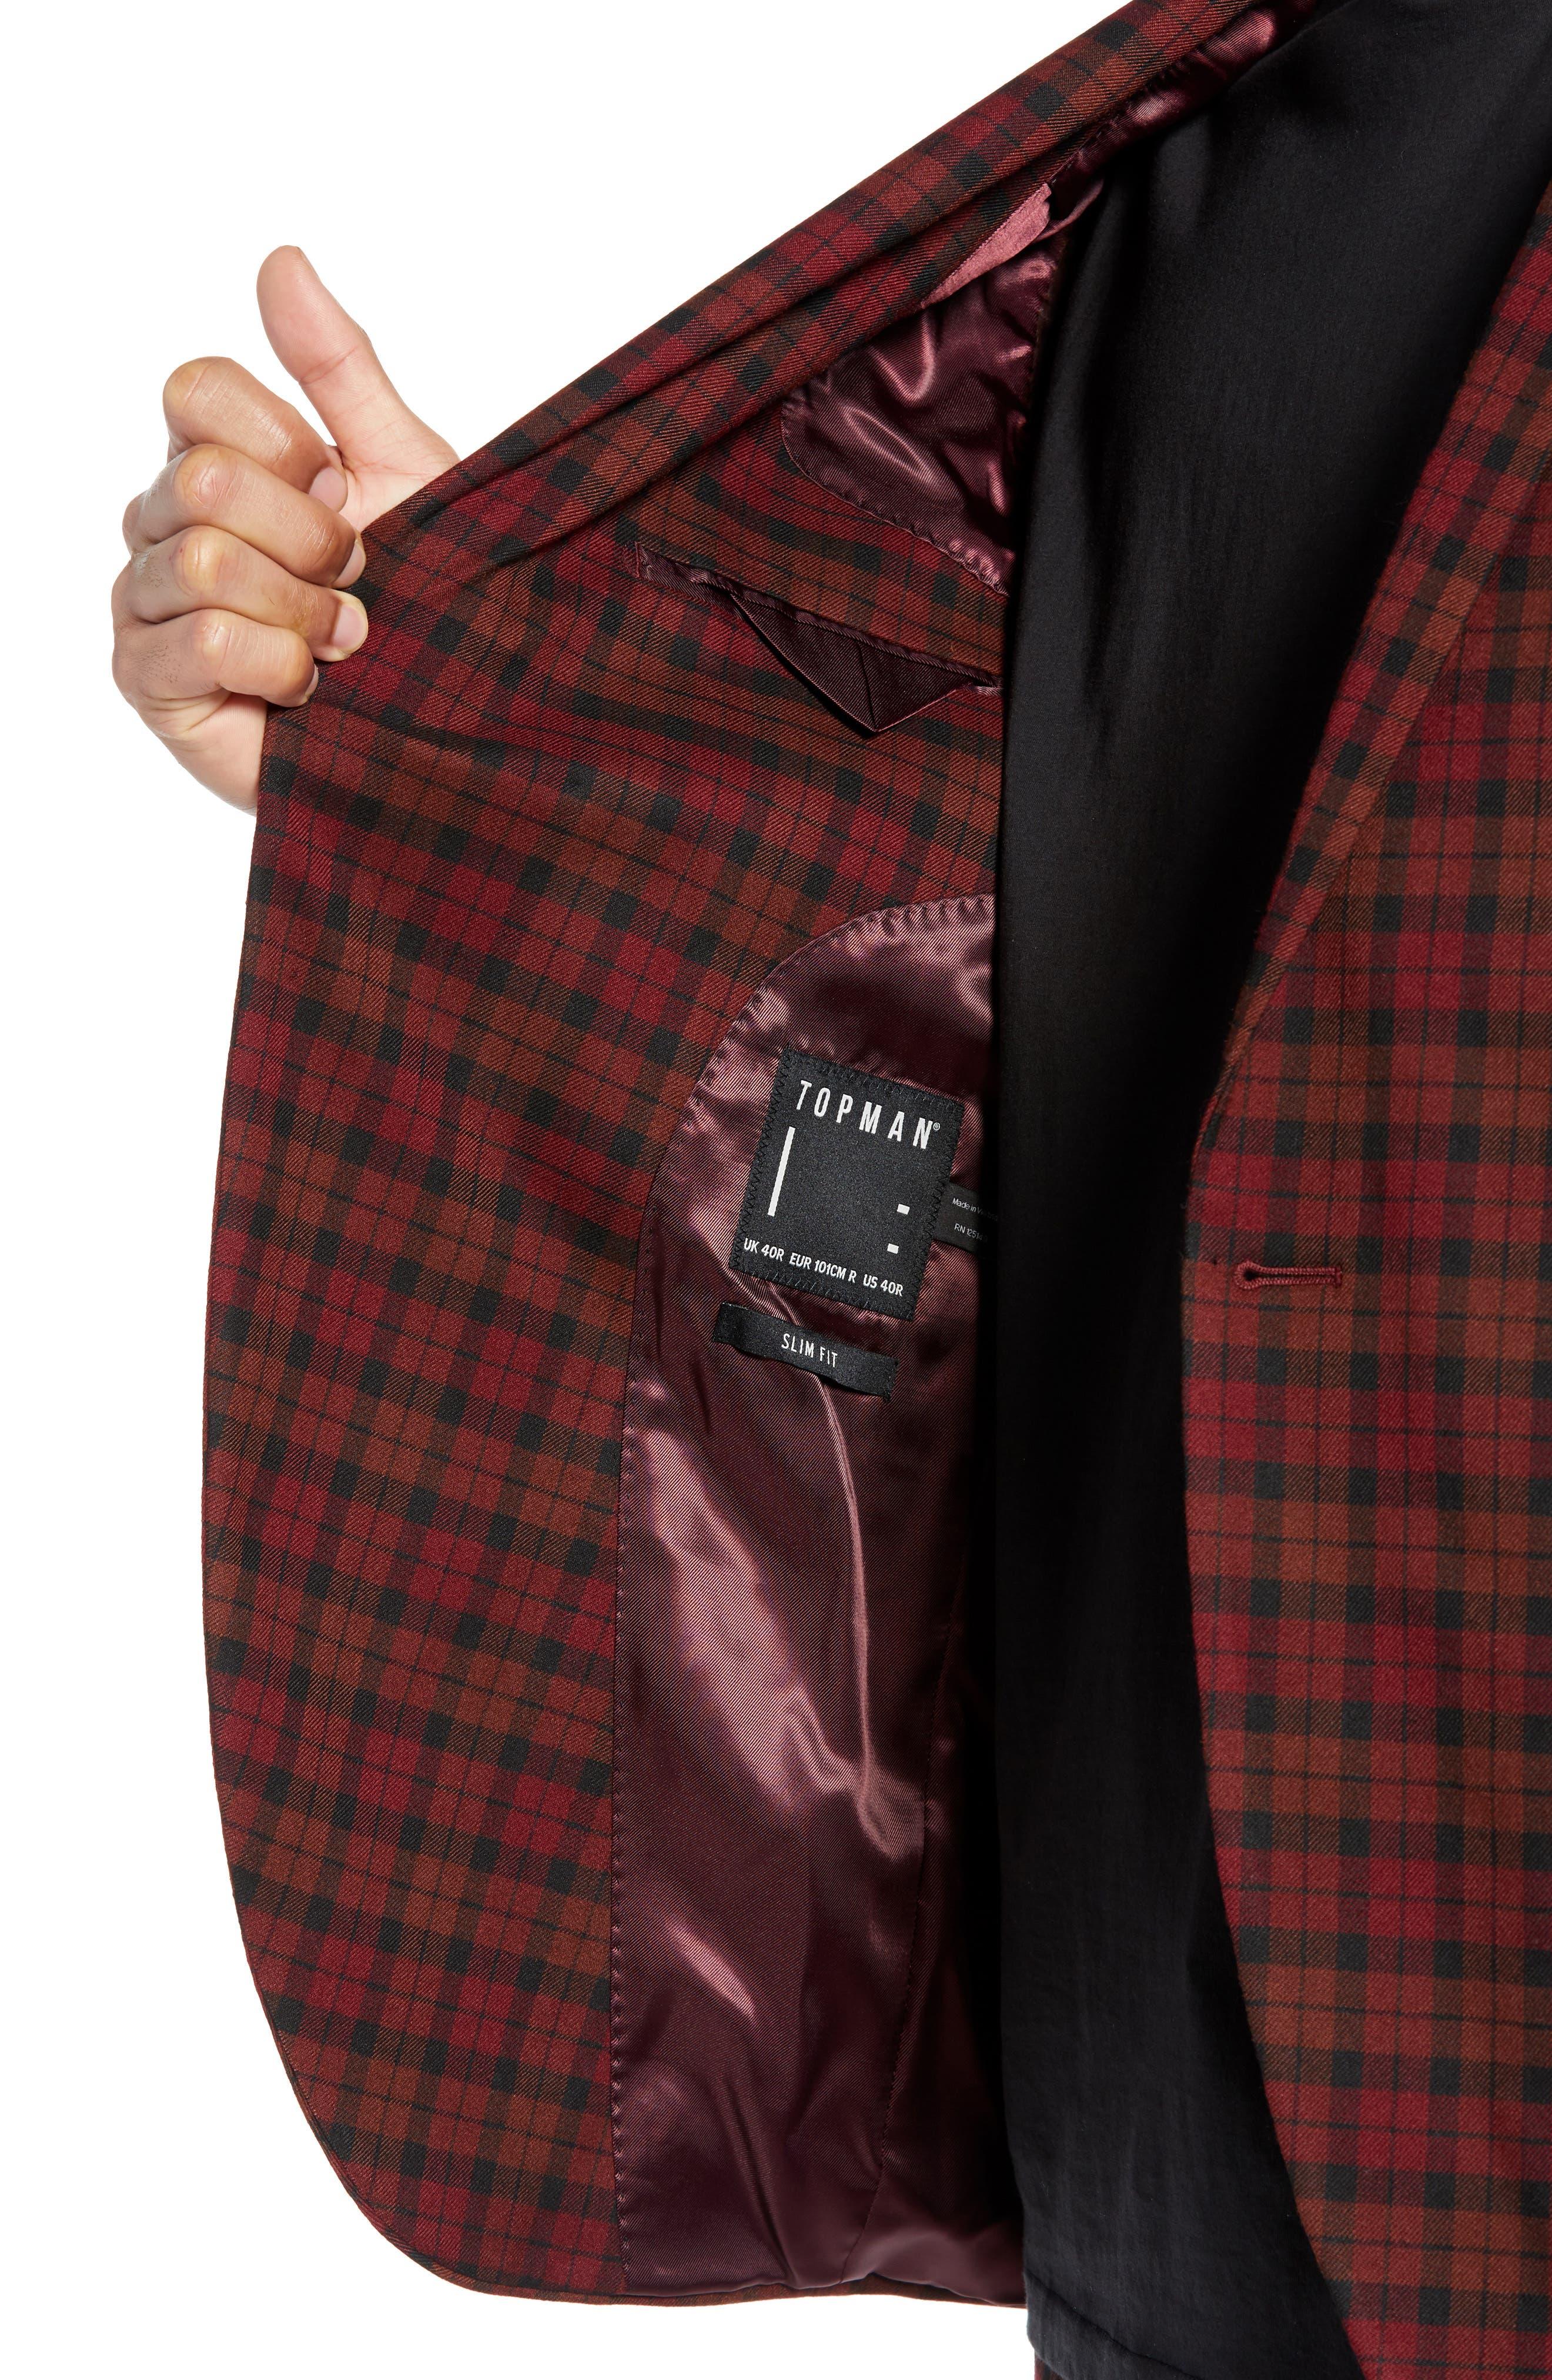 TOPMAN, Thorn Slim Fit Suit Jacket, Alternate thumbnail 5, color, 600